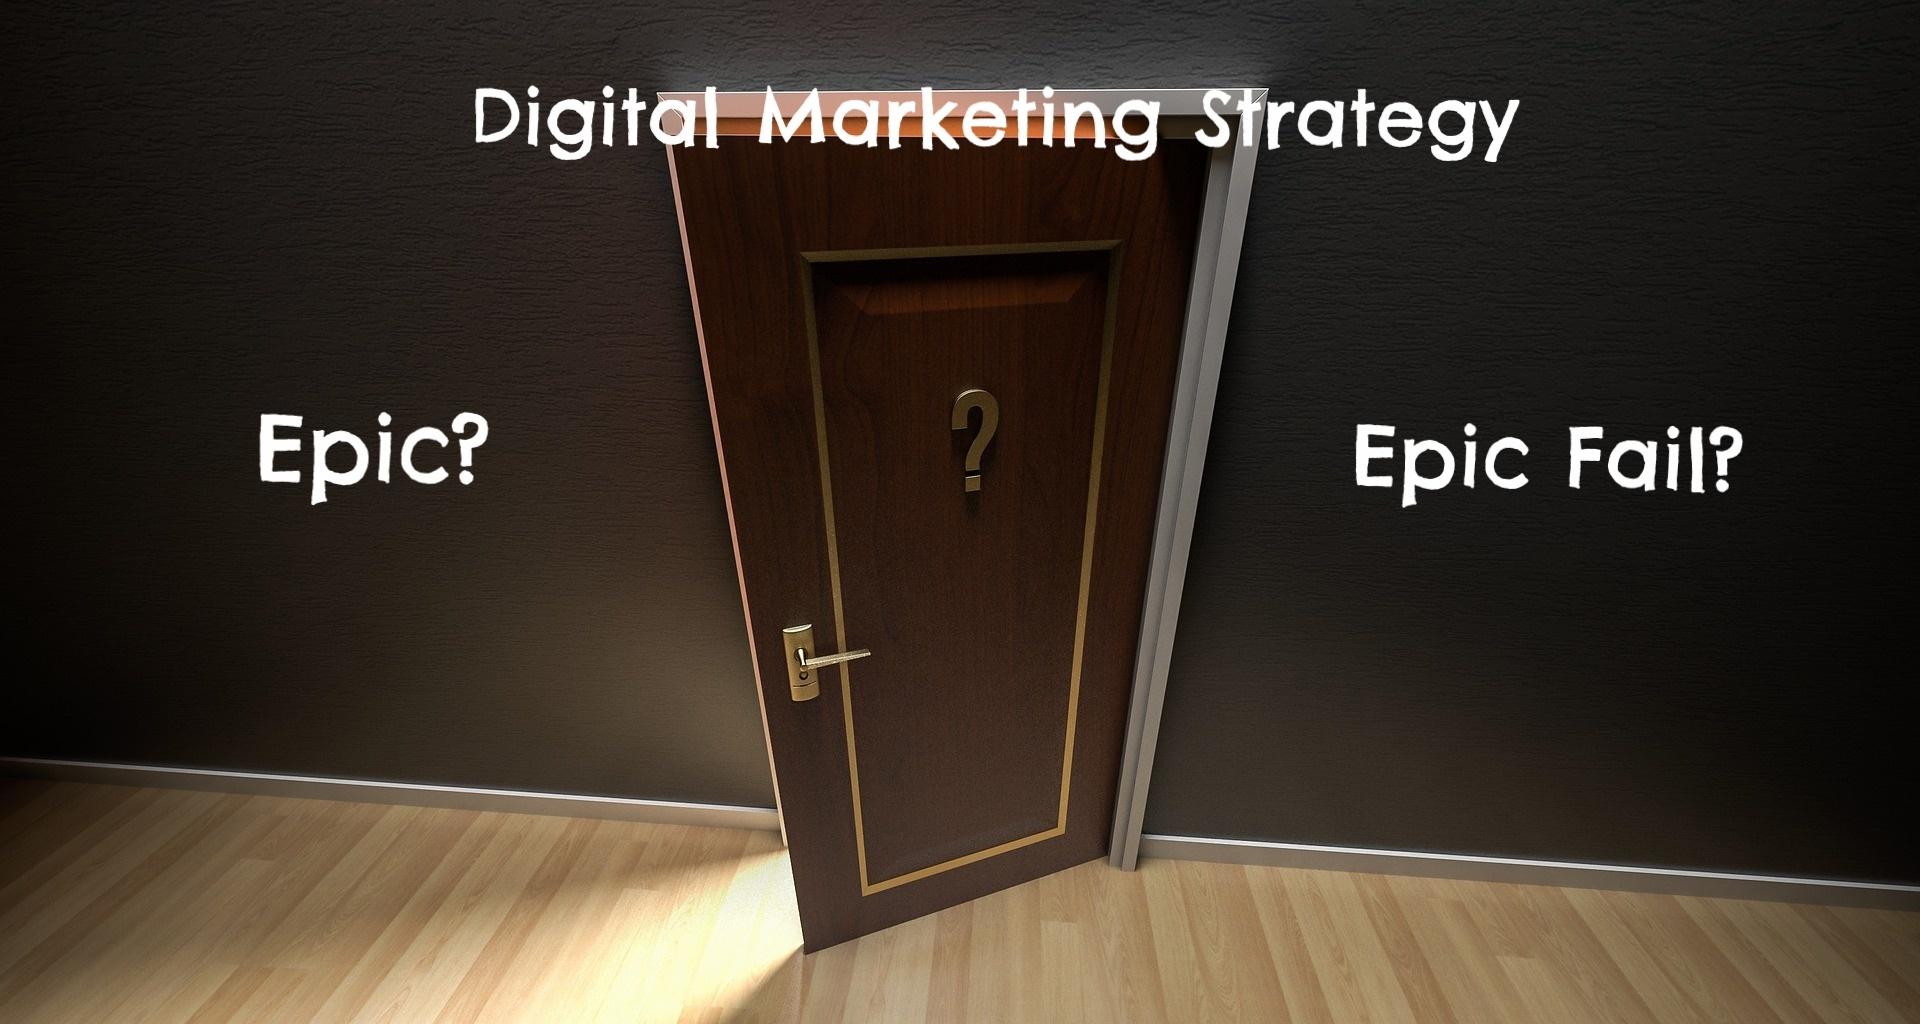 Digital Marketing Strategy Fails